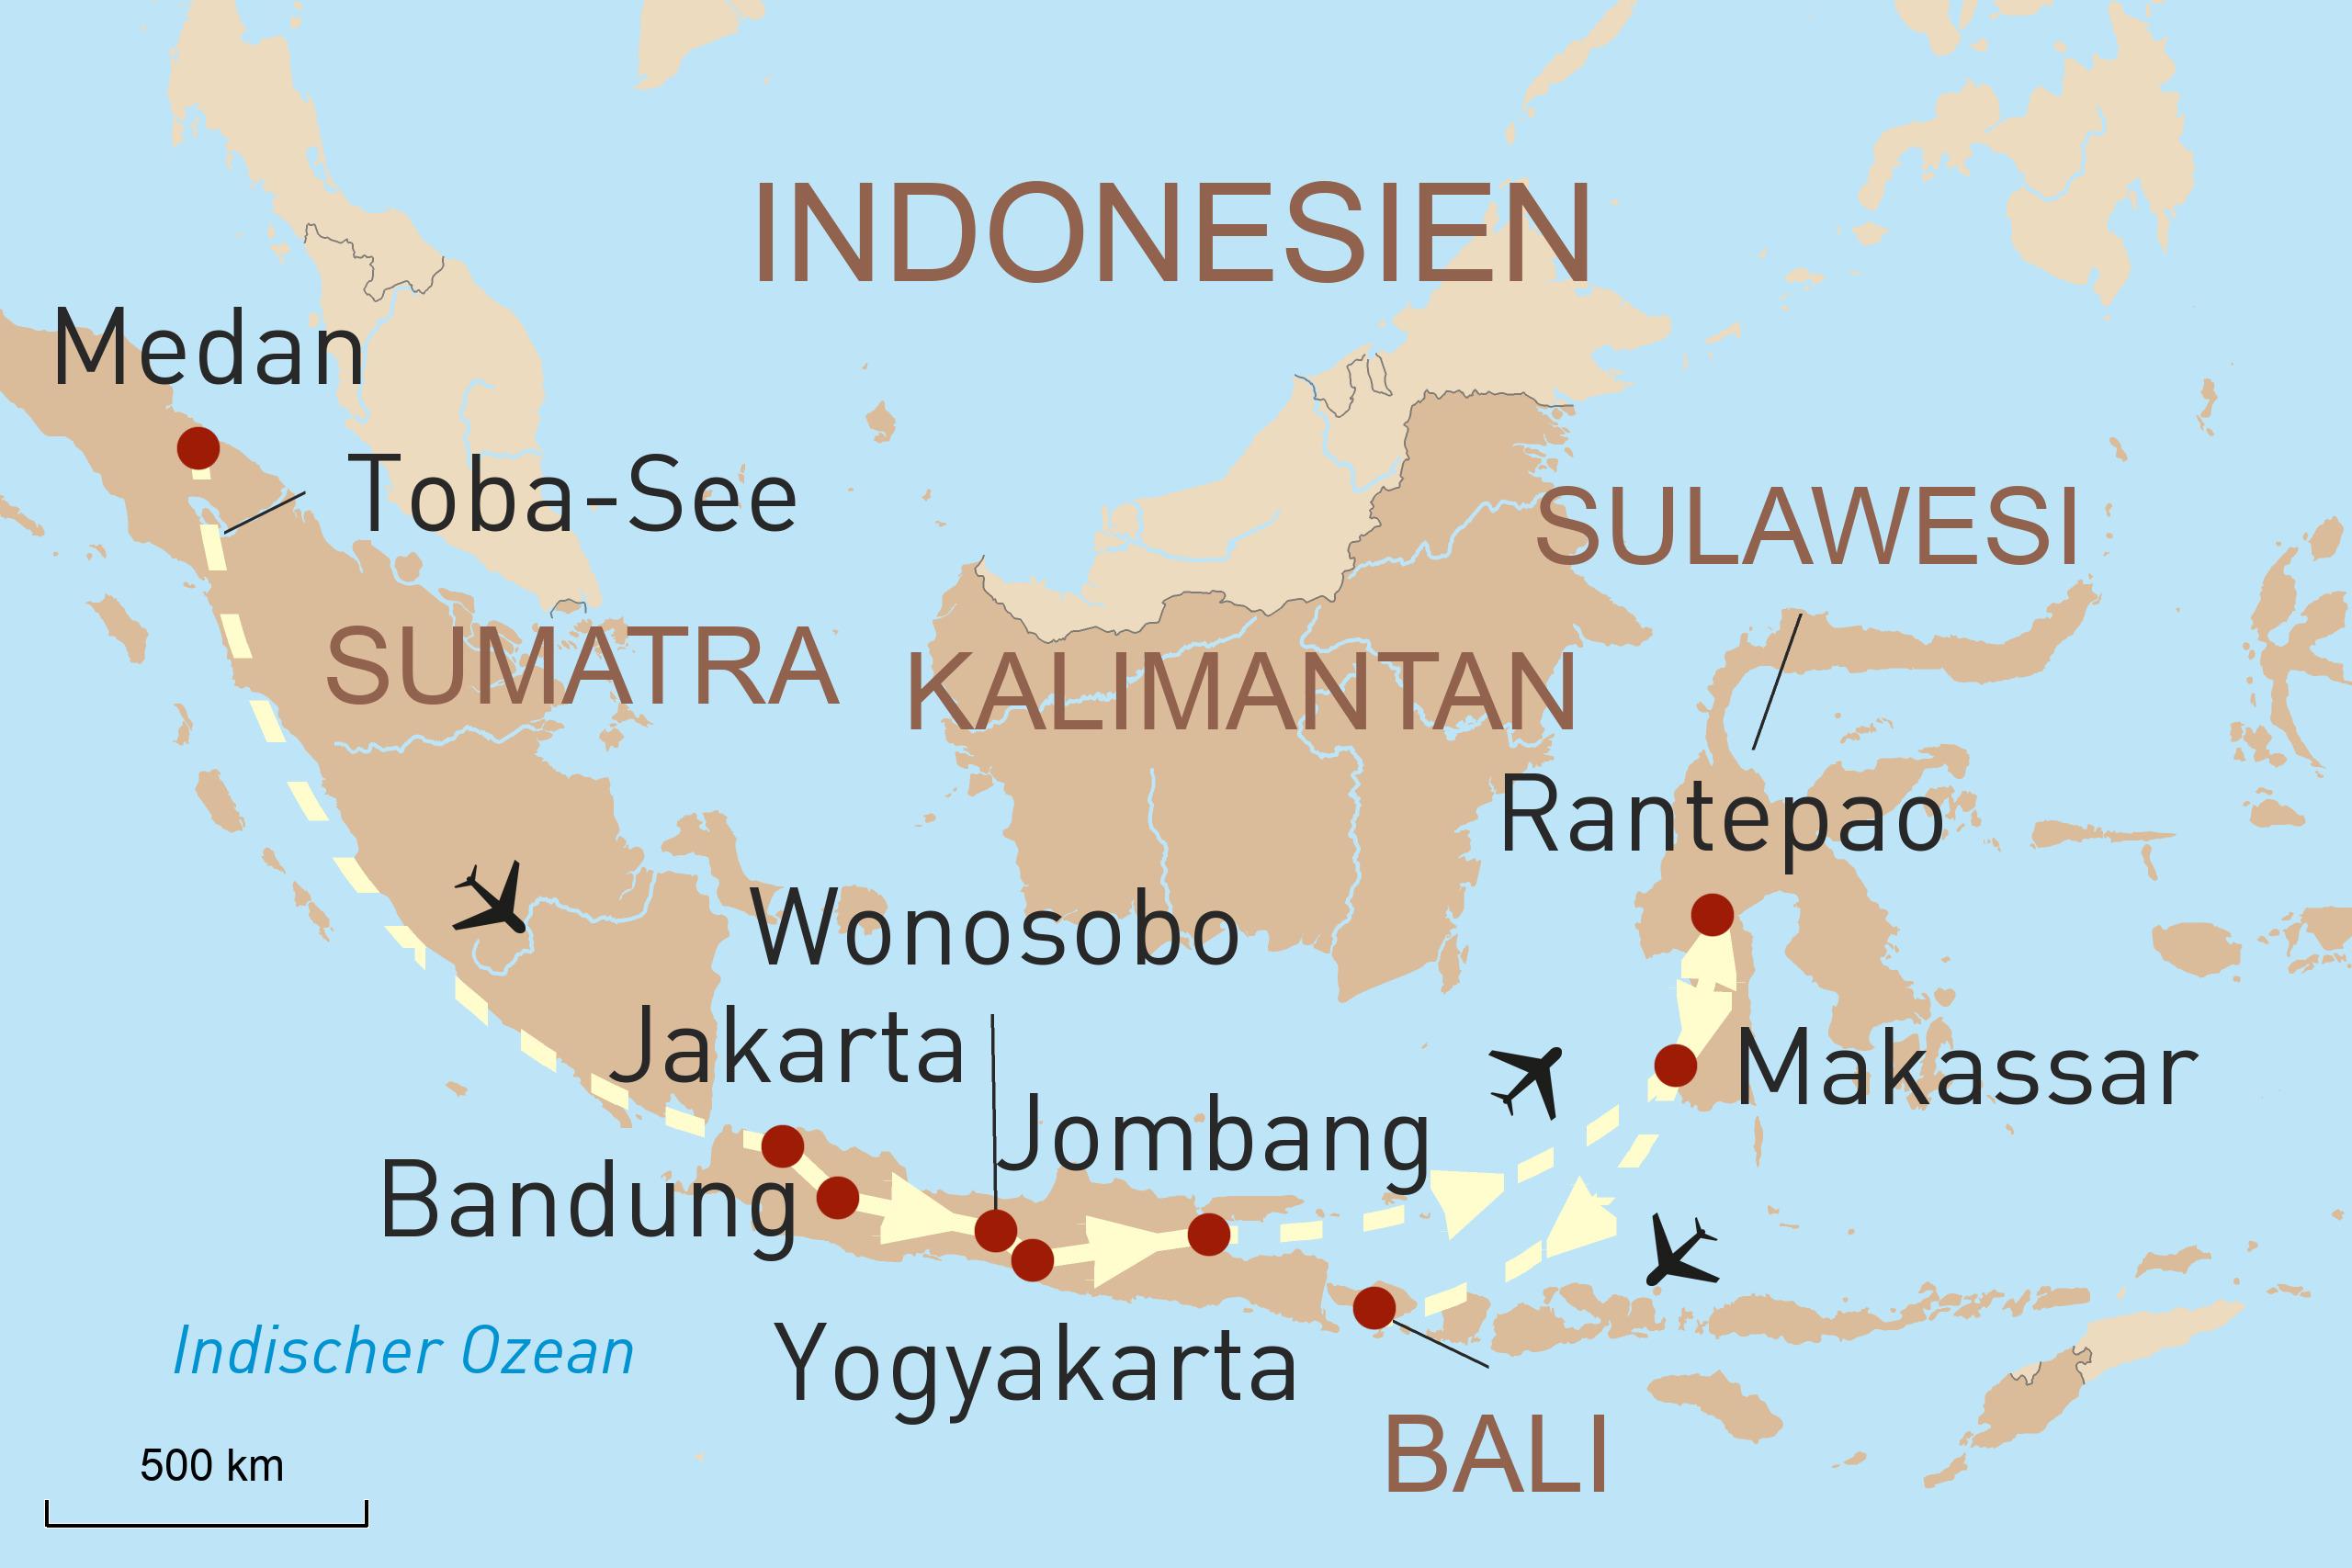 Indonesien Reise Intensiv - Sumatra, Java, Bali und Sulawesi